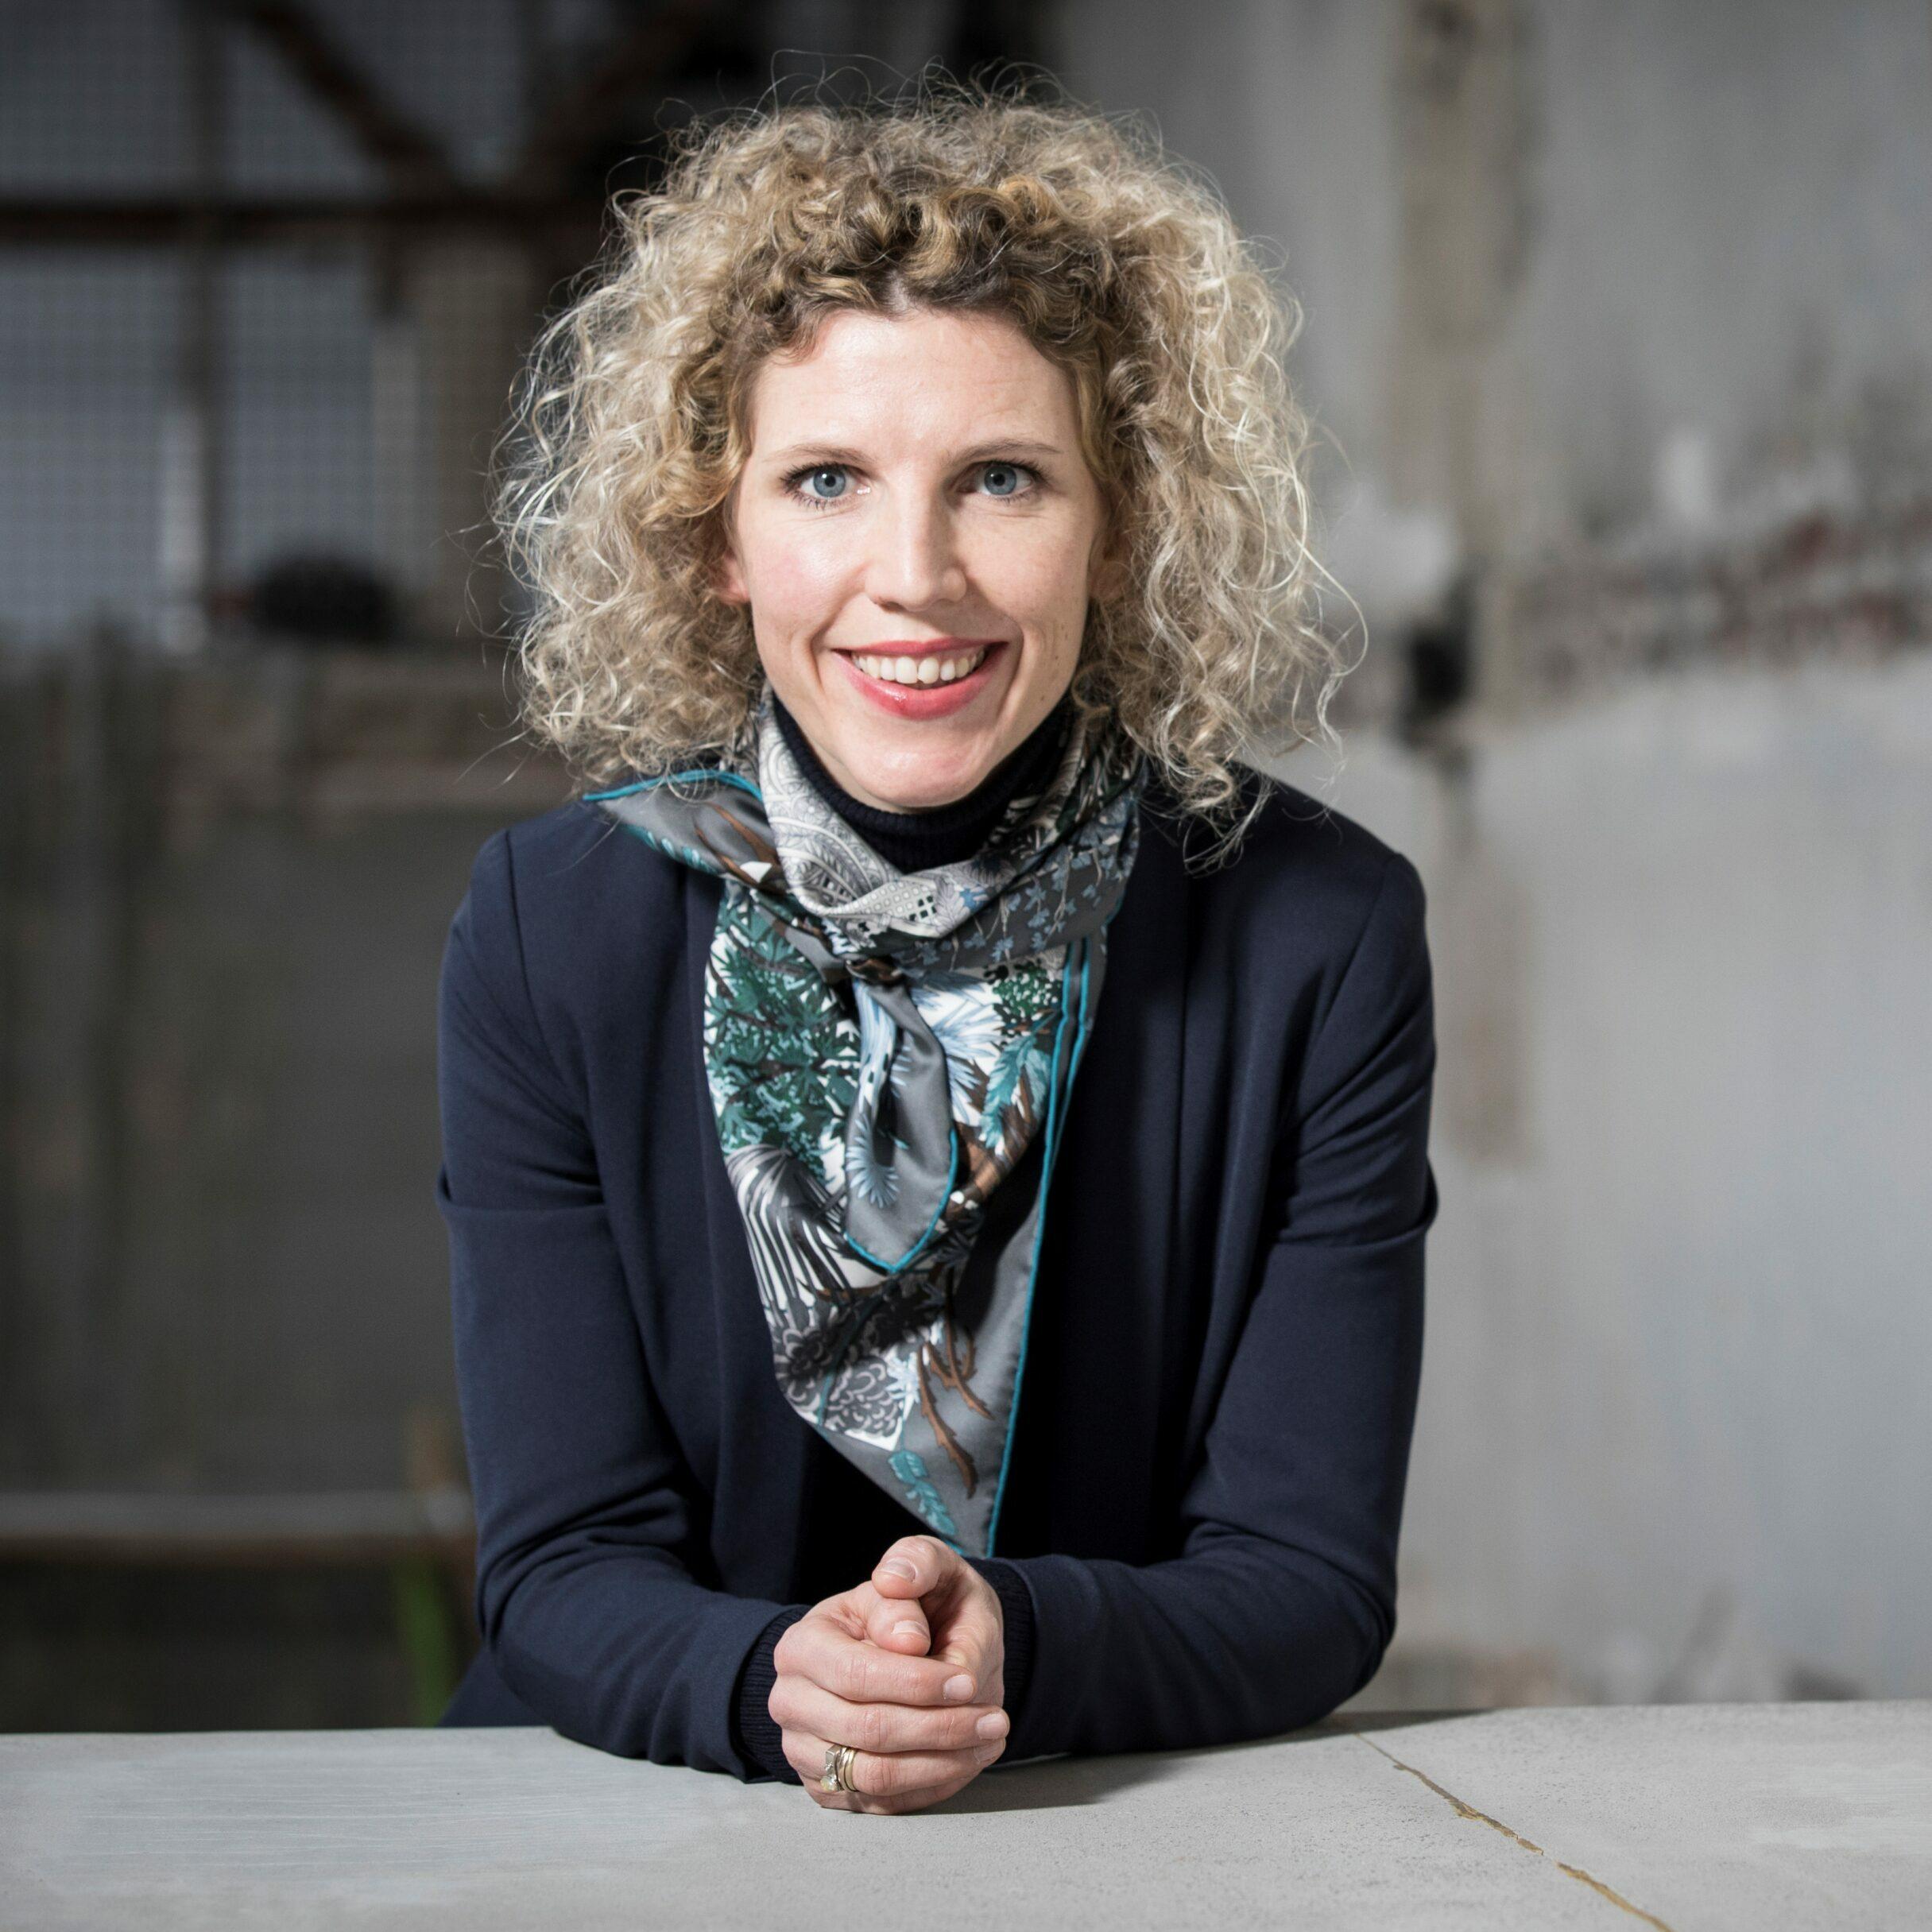 Portrait de Daria de Beauvais, commissaire d'expositions du Palais de Tokyo. Paris le 15/01/2018 Photo François Bouchon / Le Figaro